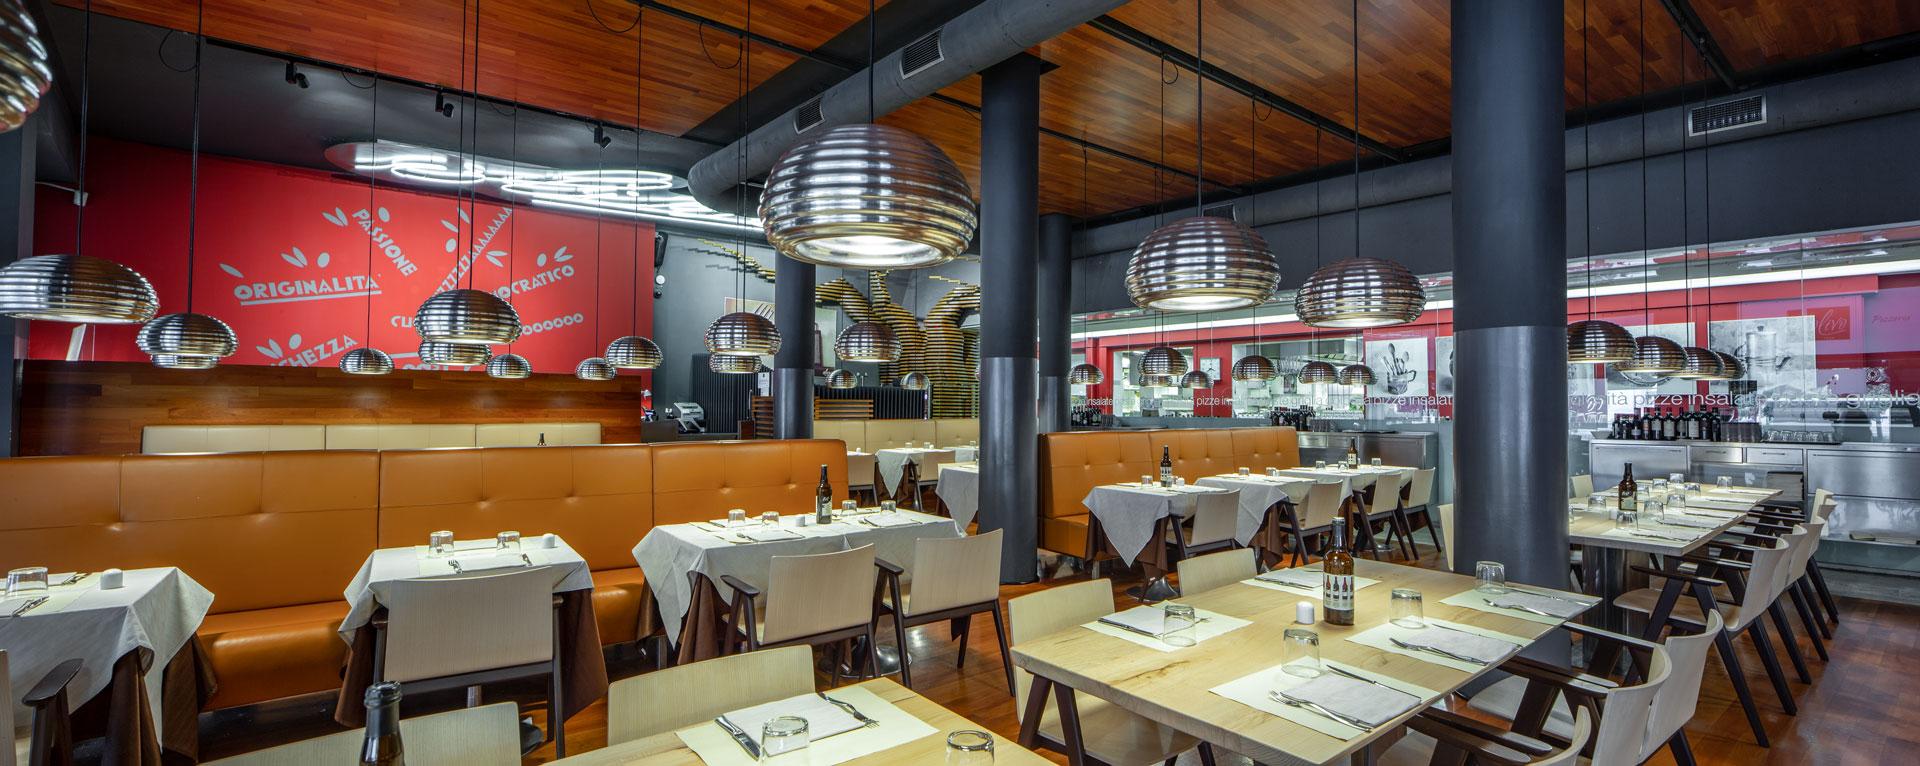 Interni del ristorante L'Olivo 1939